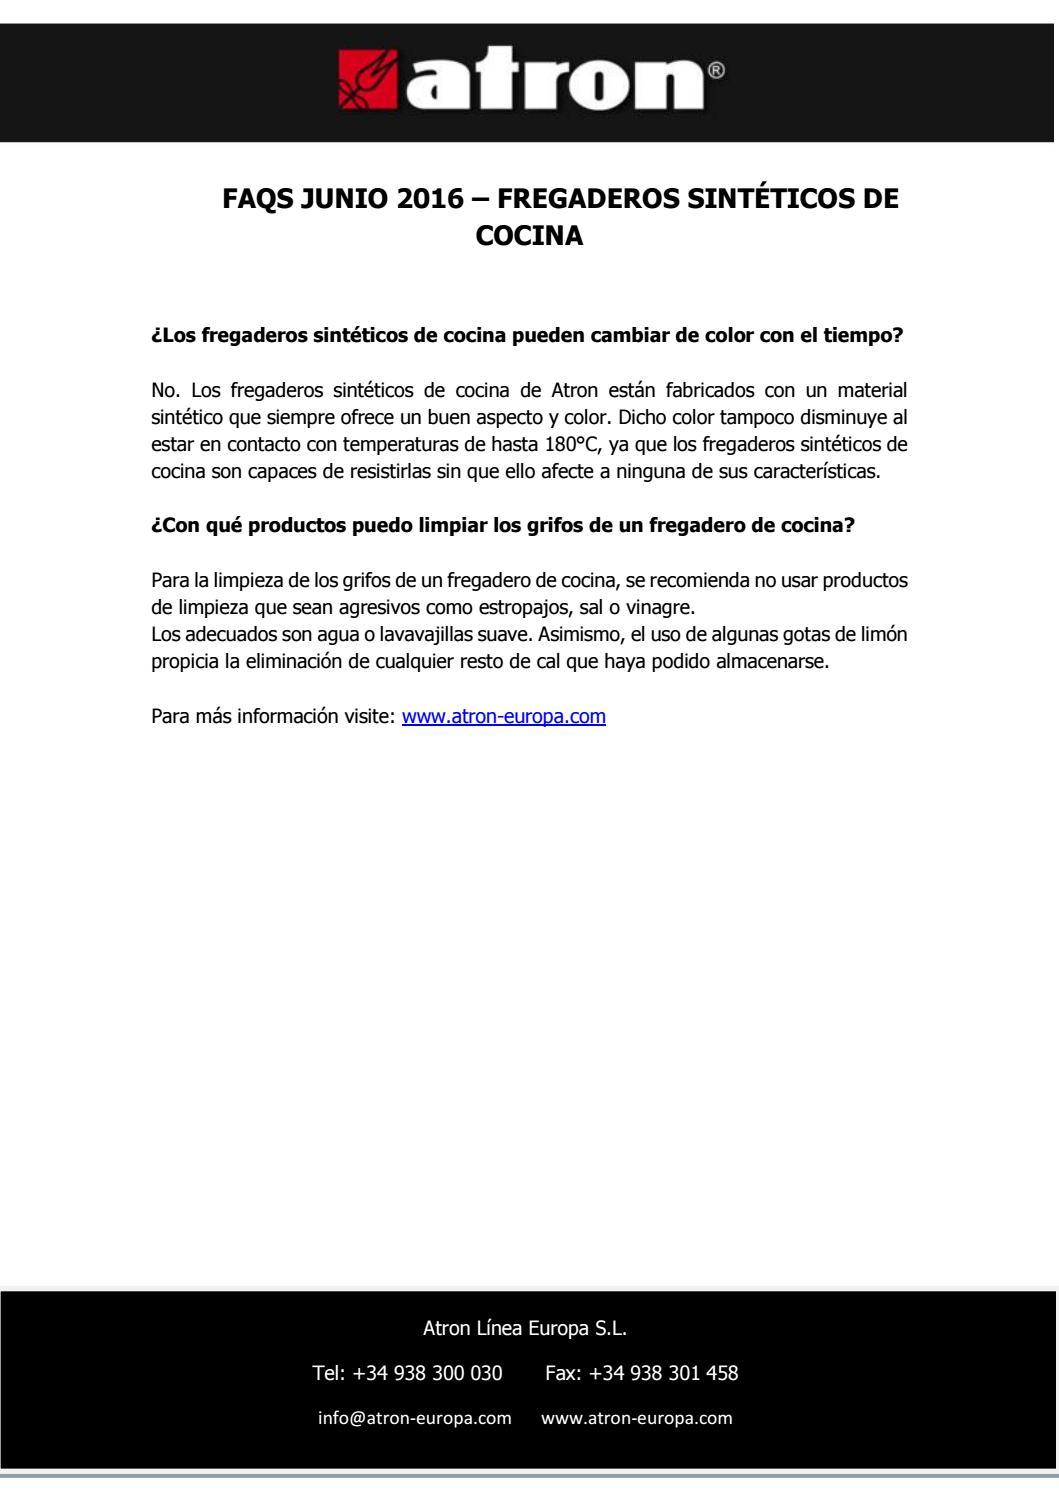 Faqs junio fregaderos sint ticos de cocina by atron fregaderos issuu - Fregaderos atron ...